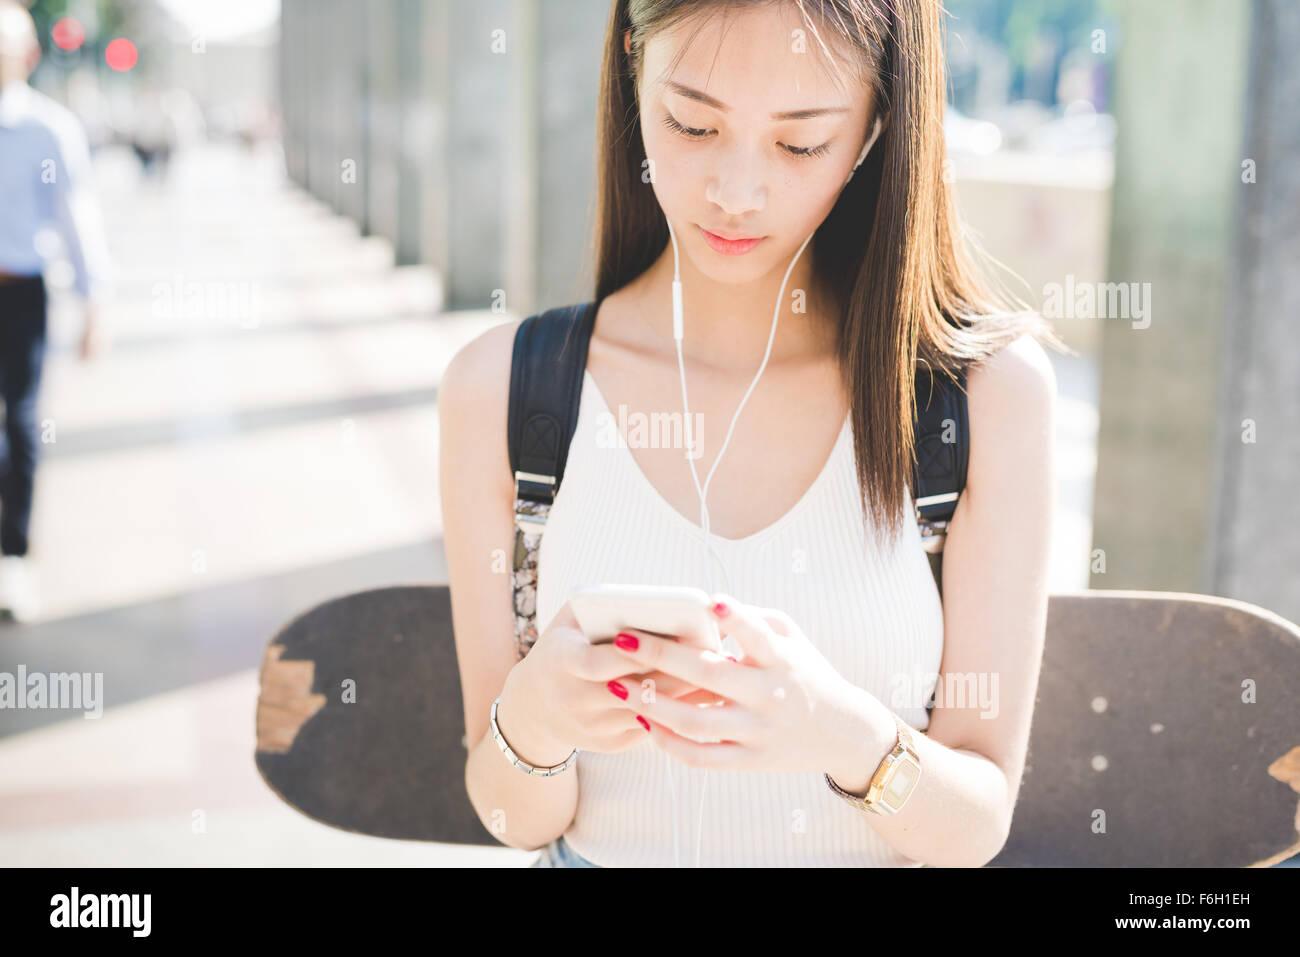 Halbe Länge des jungen hübschen asiatischen Langhaar Frau Skater zu Fuß in die Stadt, Musik hören Stockbild